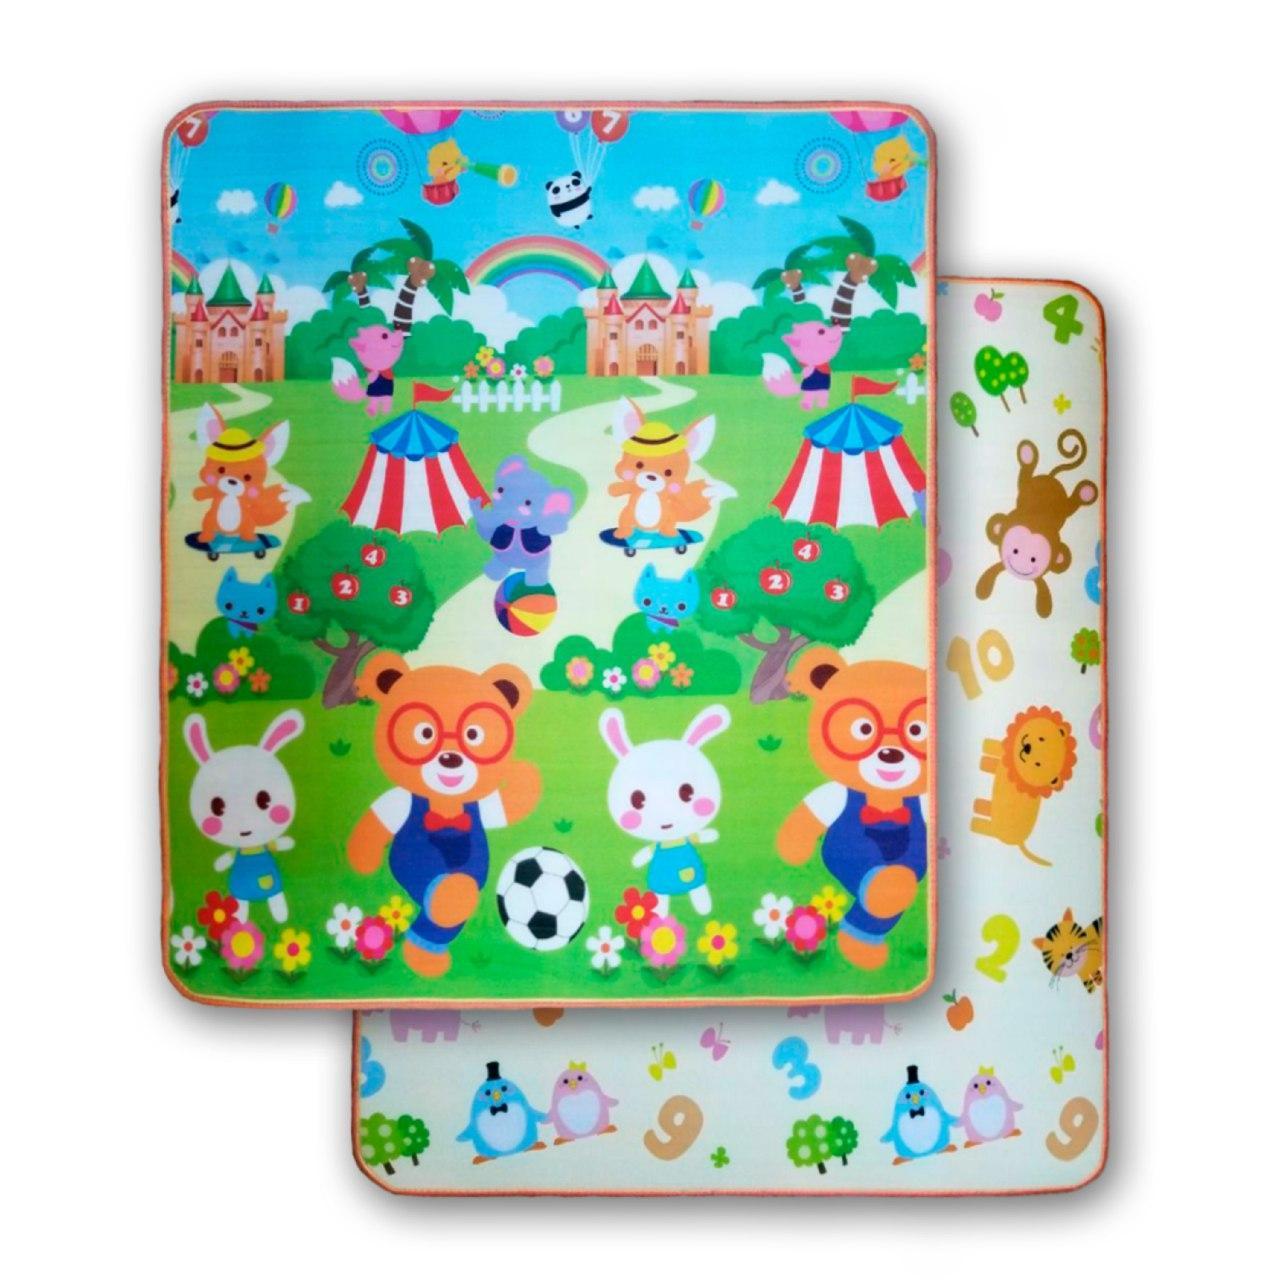 Розвиваючий двухстронній дитячий ігровий термо килимок для повзання 1500 * 1800 * 5